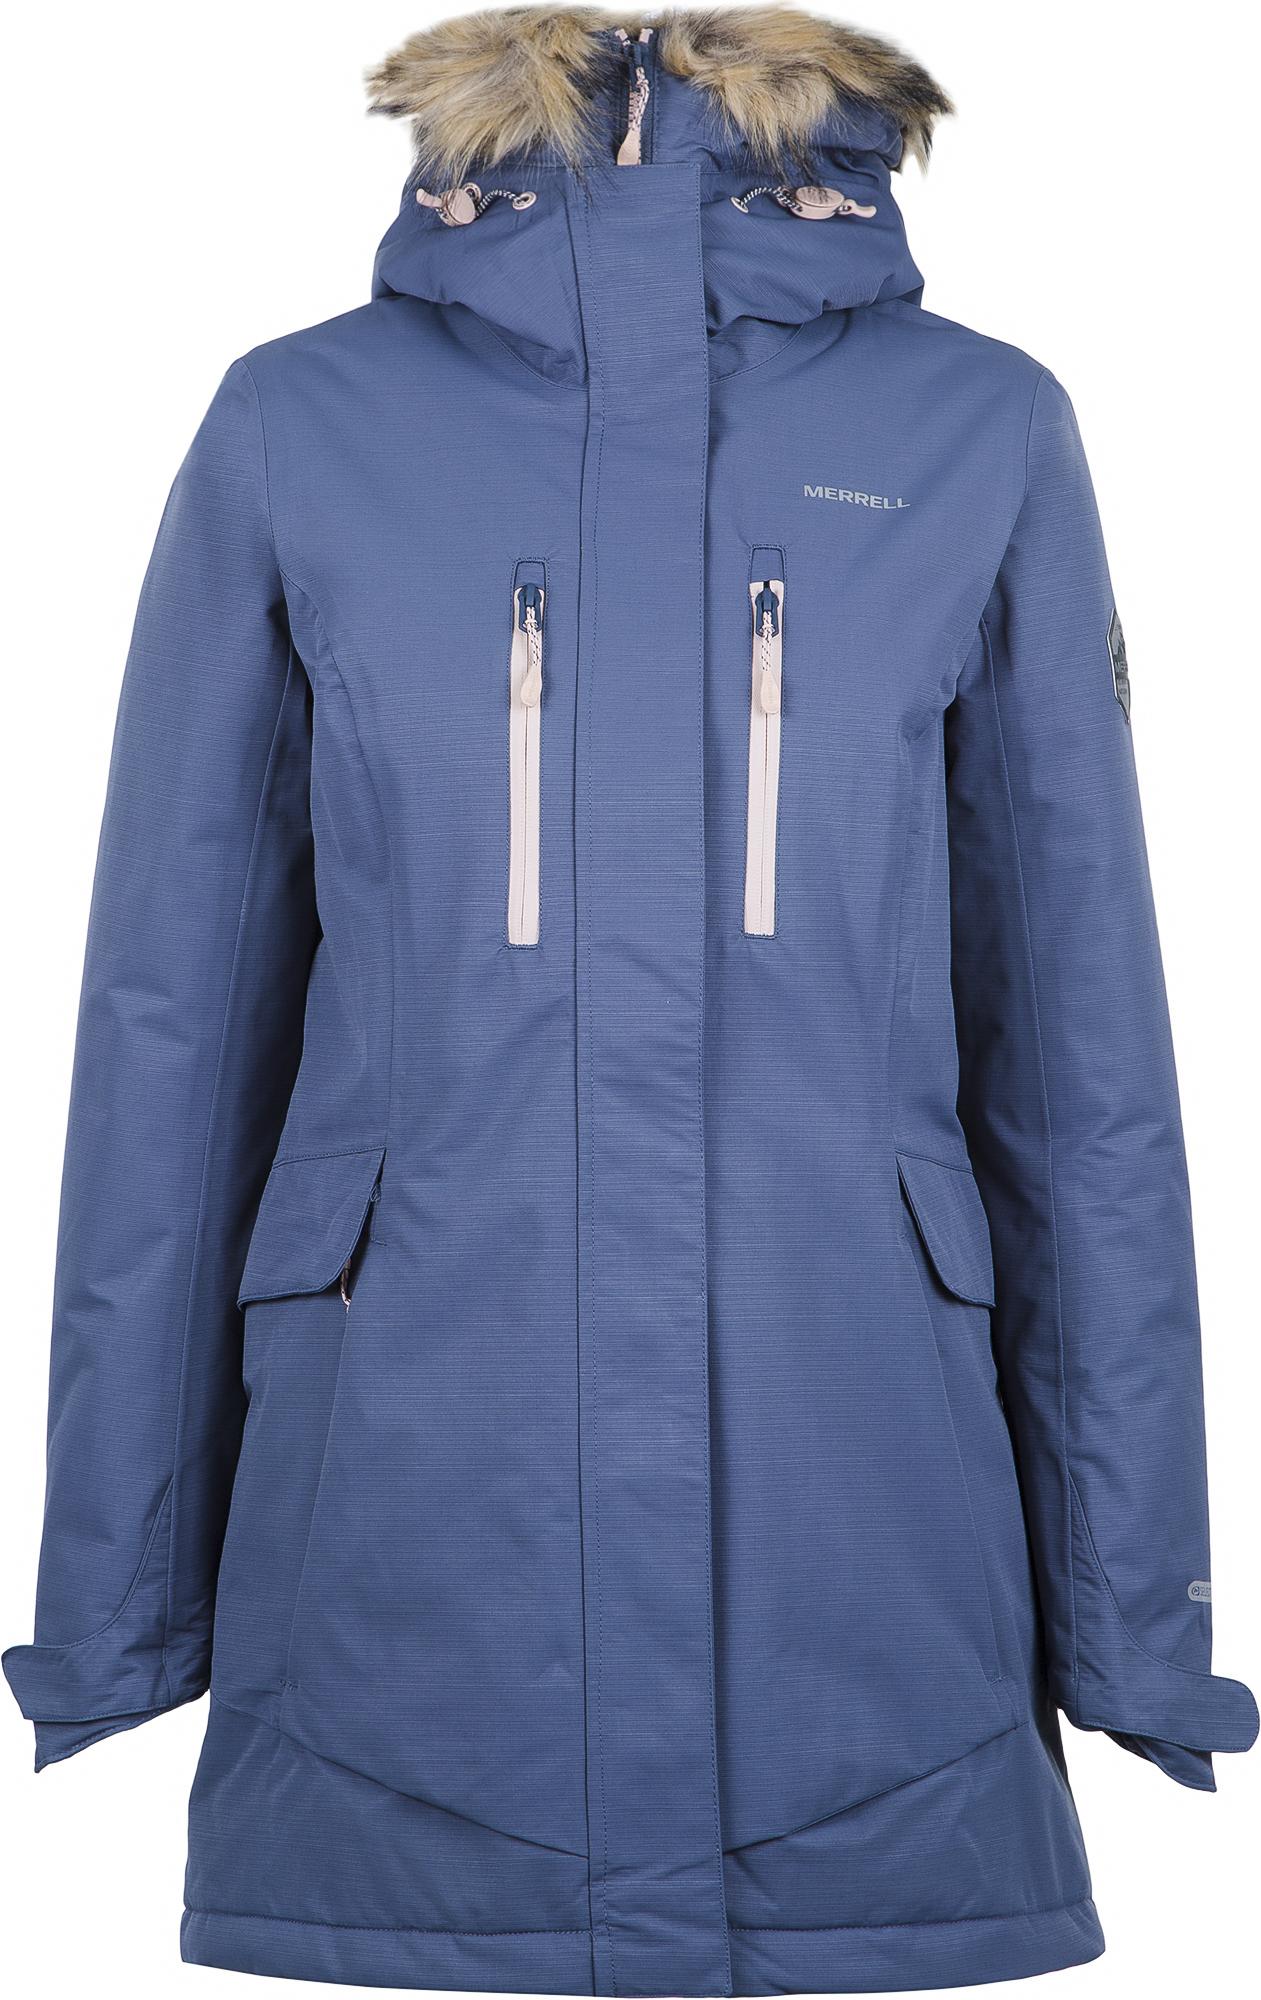 купить Merrell Куртка утепленная женская Merrell, размер 52 дешево